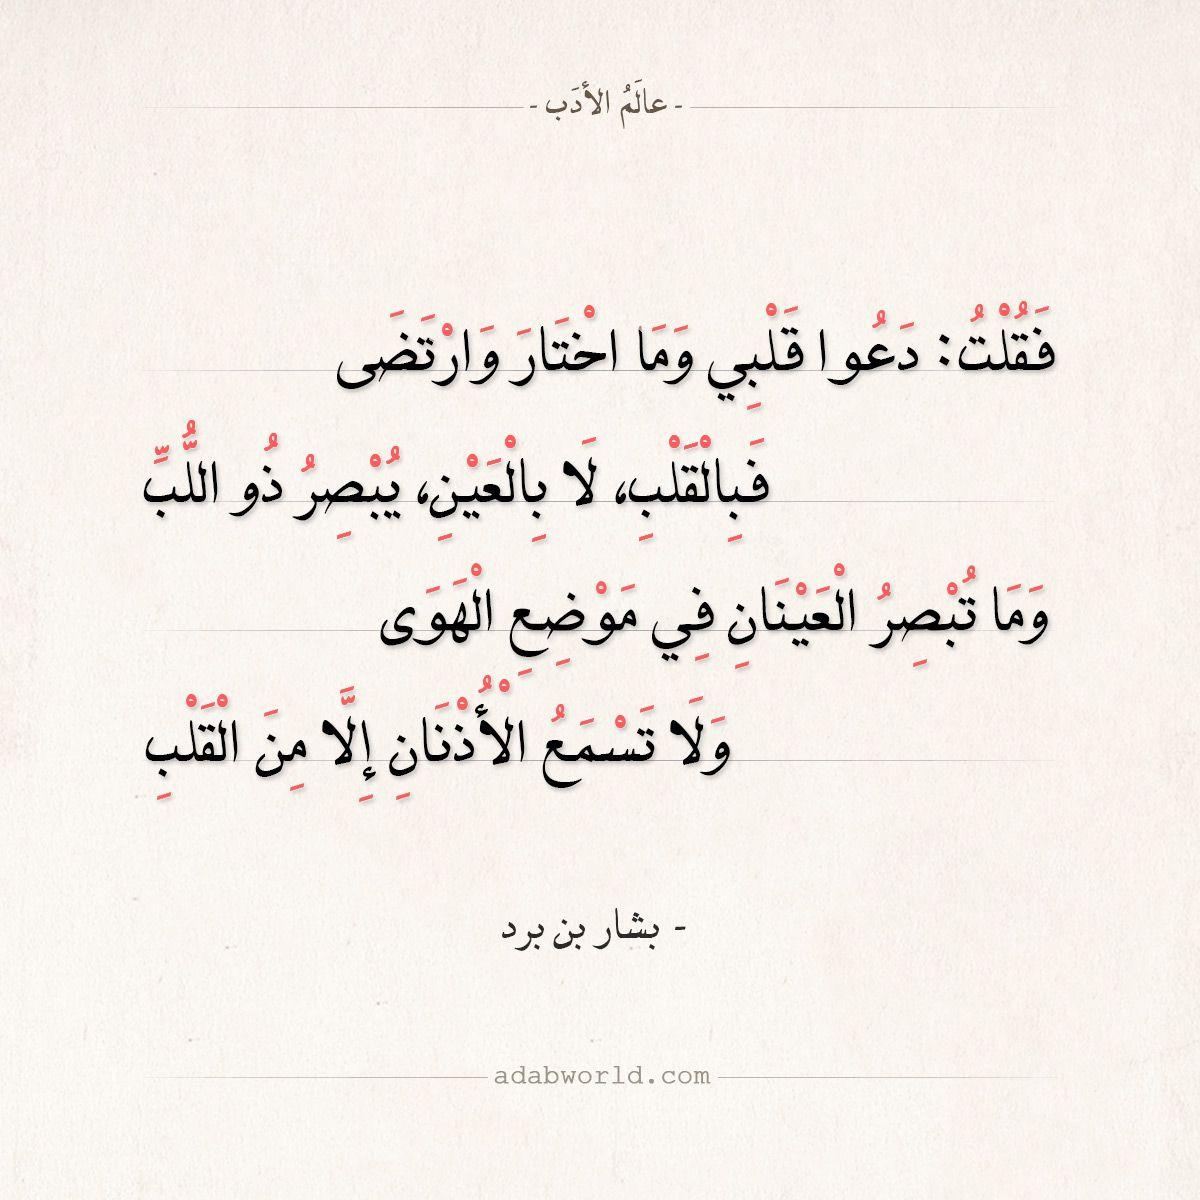 شعر بشار بن برد فقلت دعوا قلبي وما اختار وارتضى عالم الأدب Arabic Quotes Quotes Math